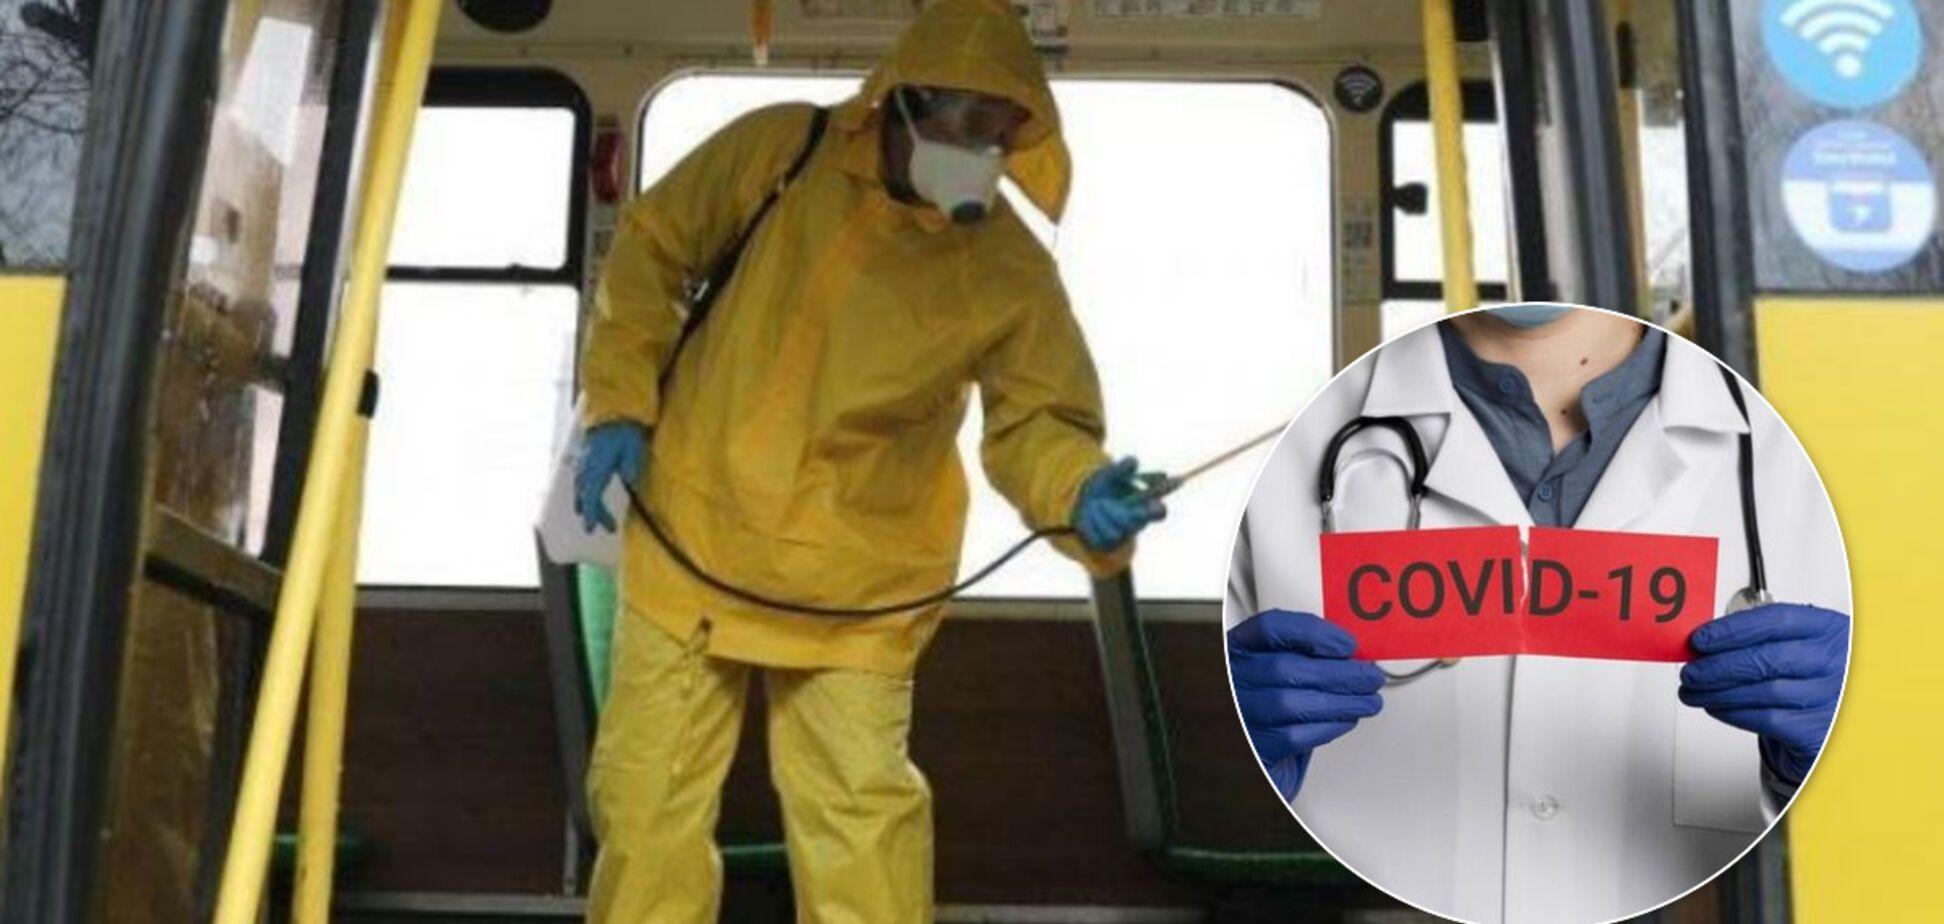 Коронавирус атакует Украину: кто уже заразился и в зоне риска